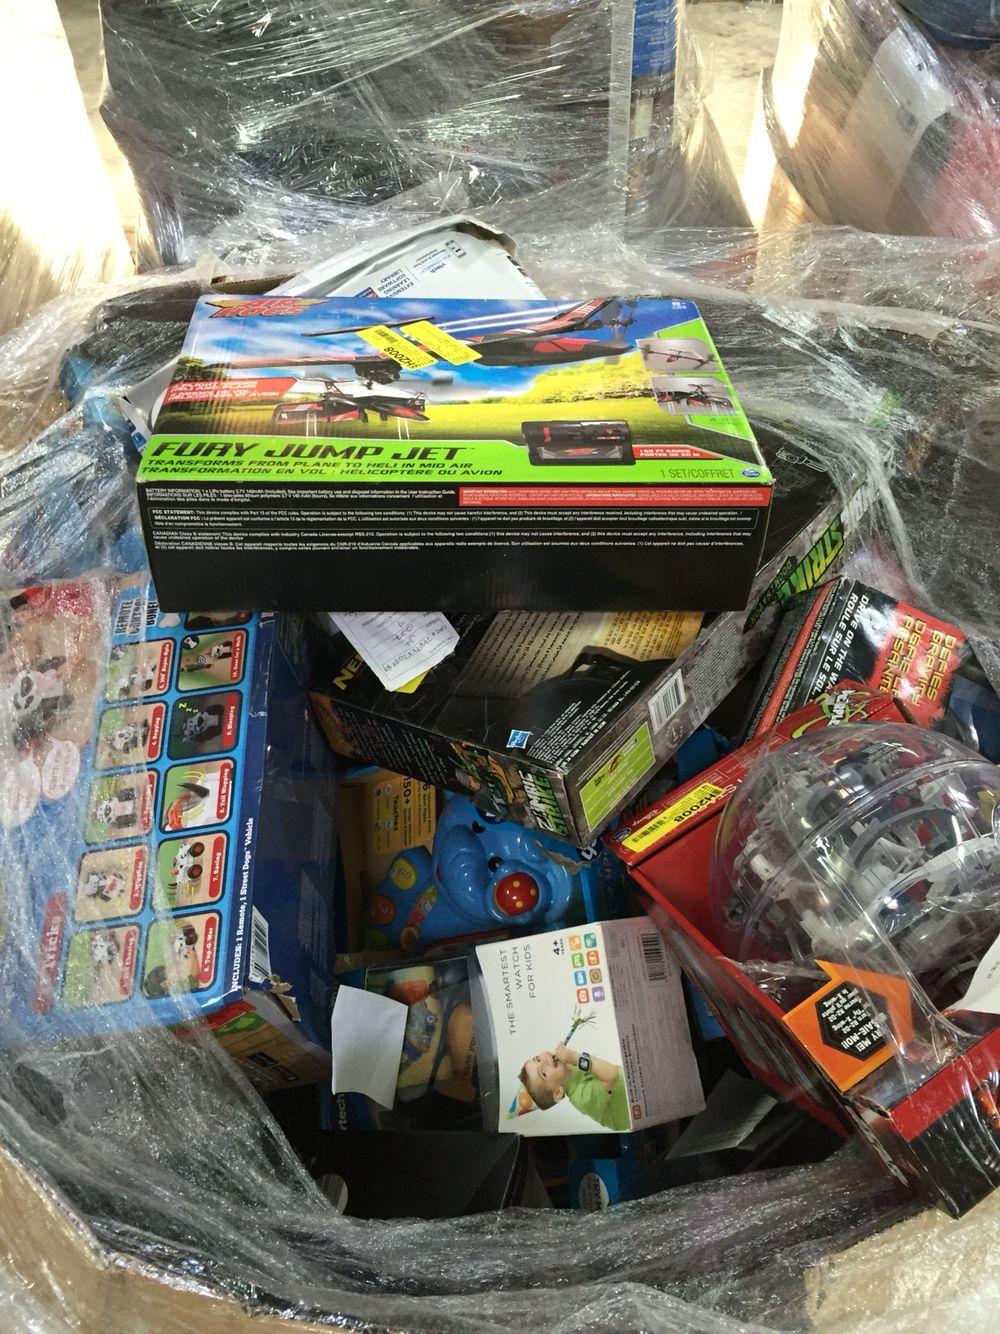 WMart liquidation Toy Pallets